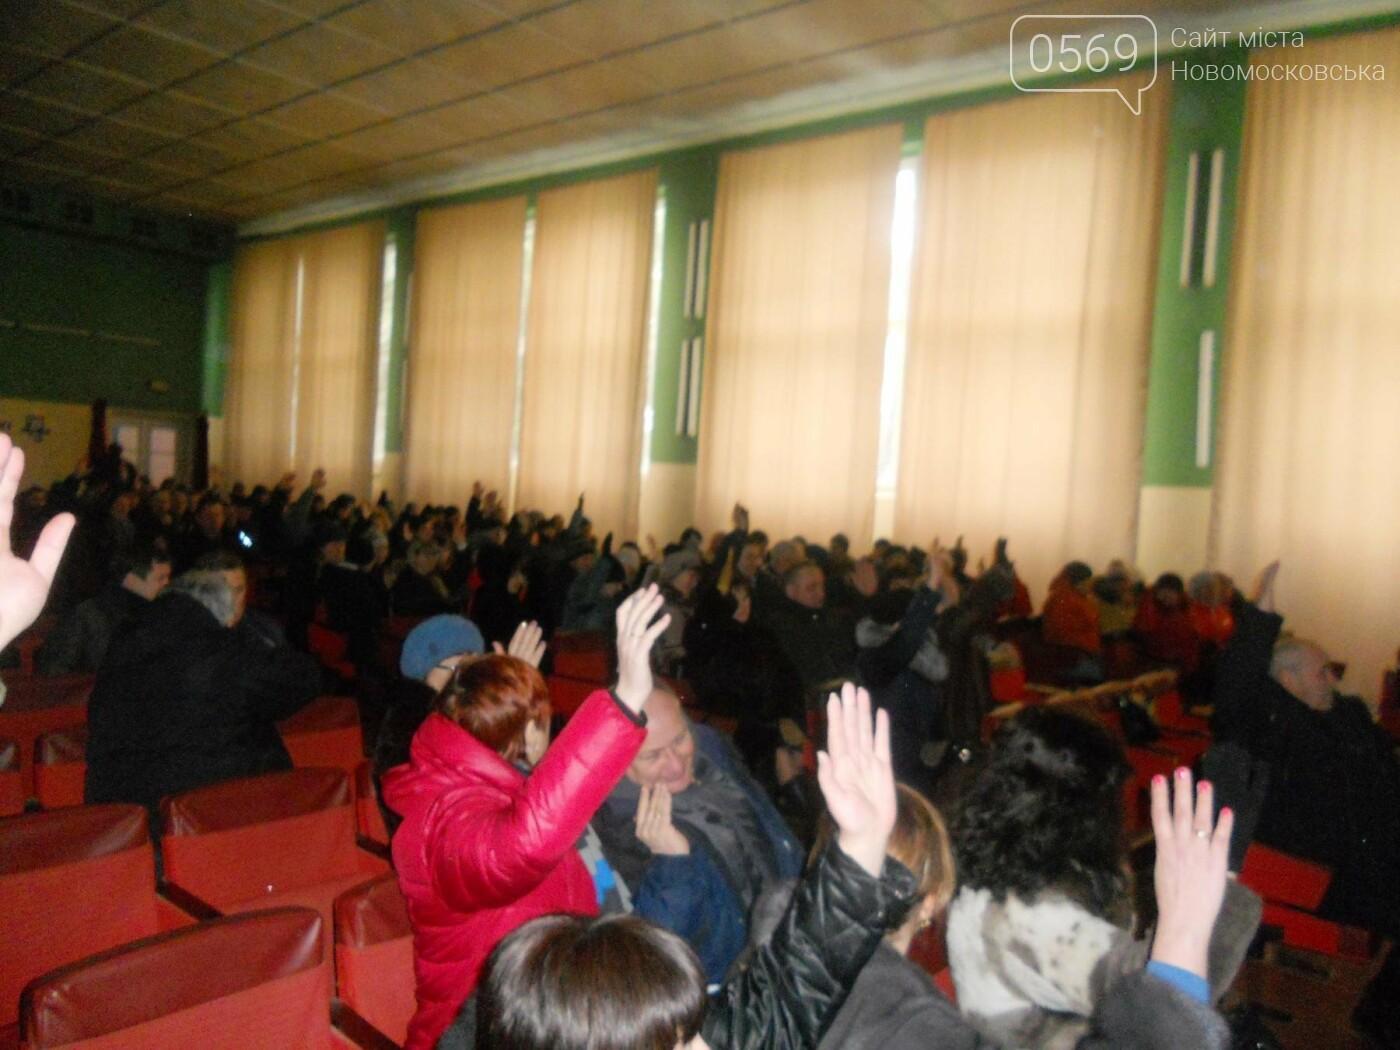 В Новомосковске снова вырастут тарифы на воду, фото-2